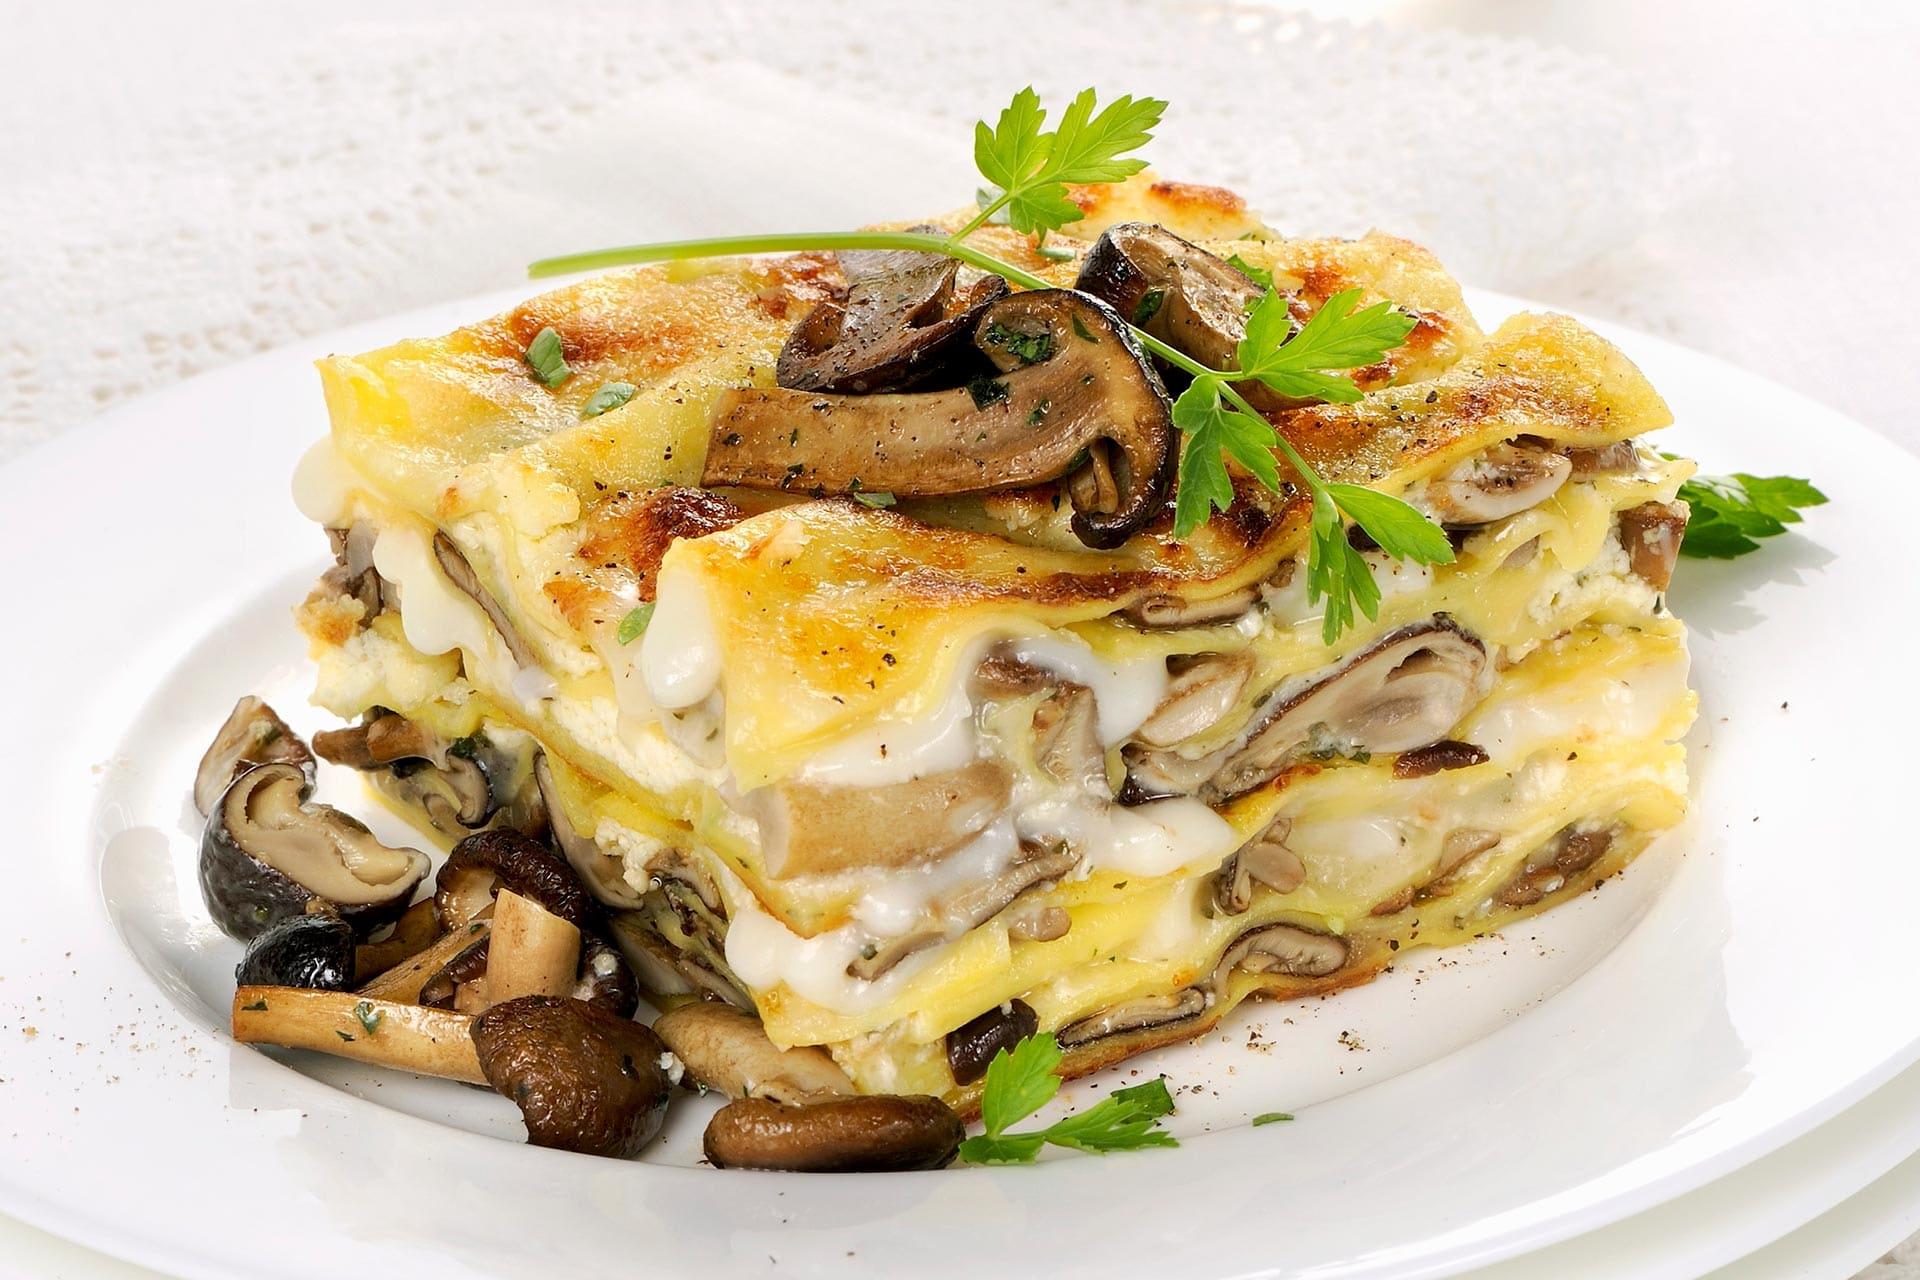 Ricetta Lasagne Ai Funghi.Lasagne Bianche Ai Funghi Pioppini